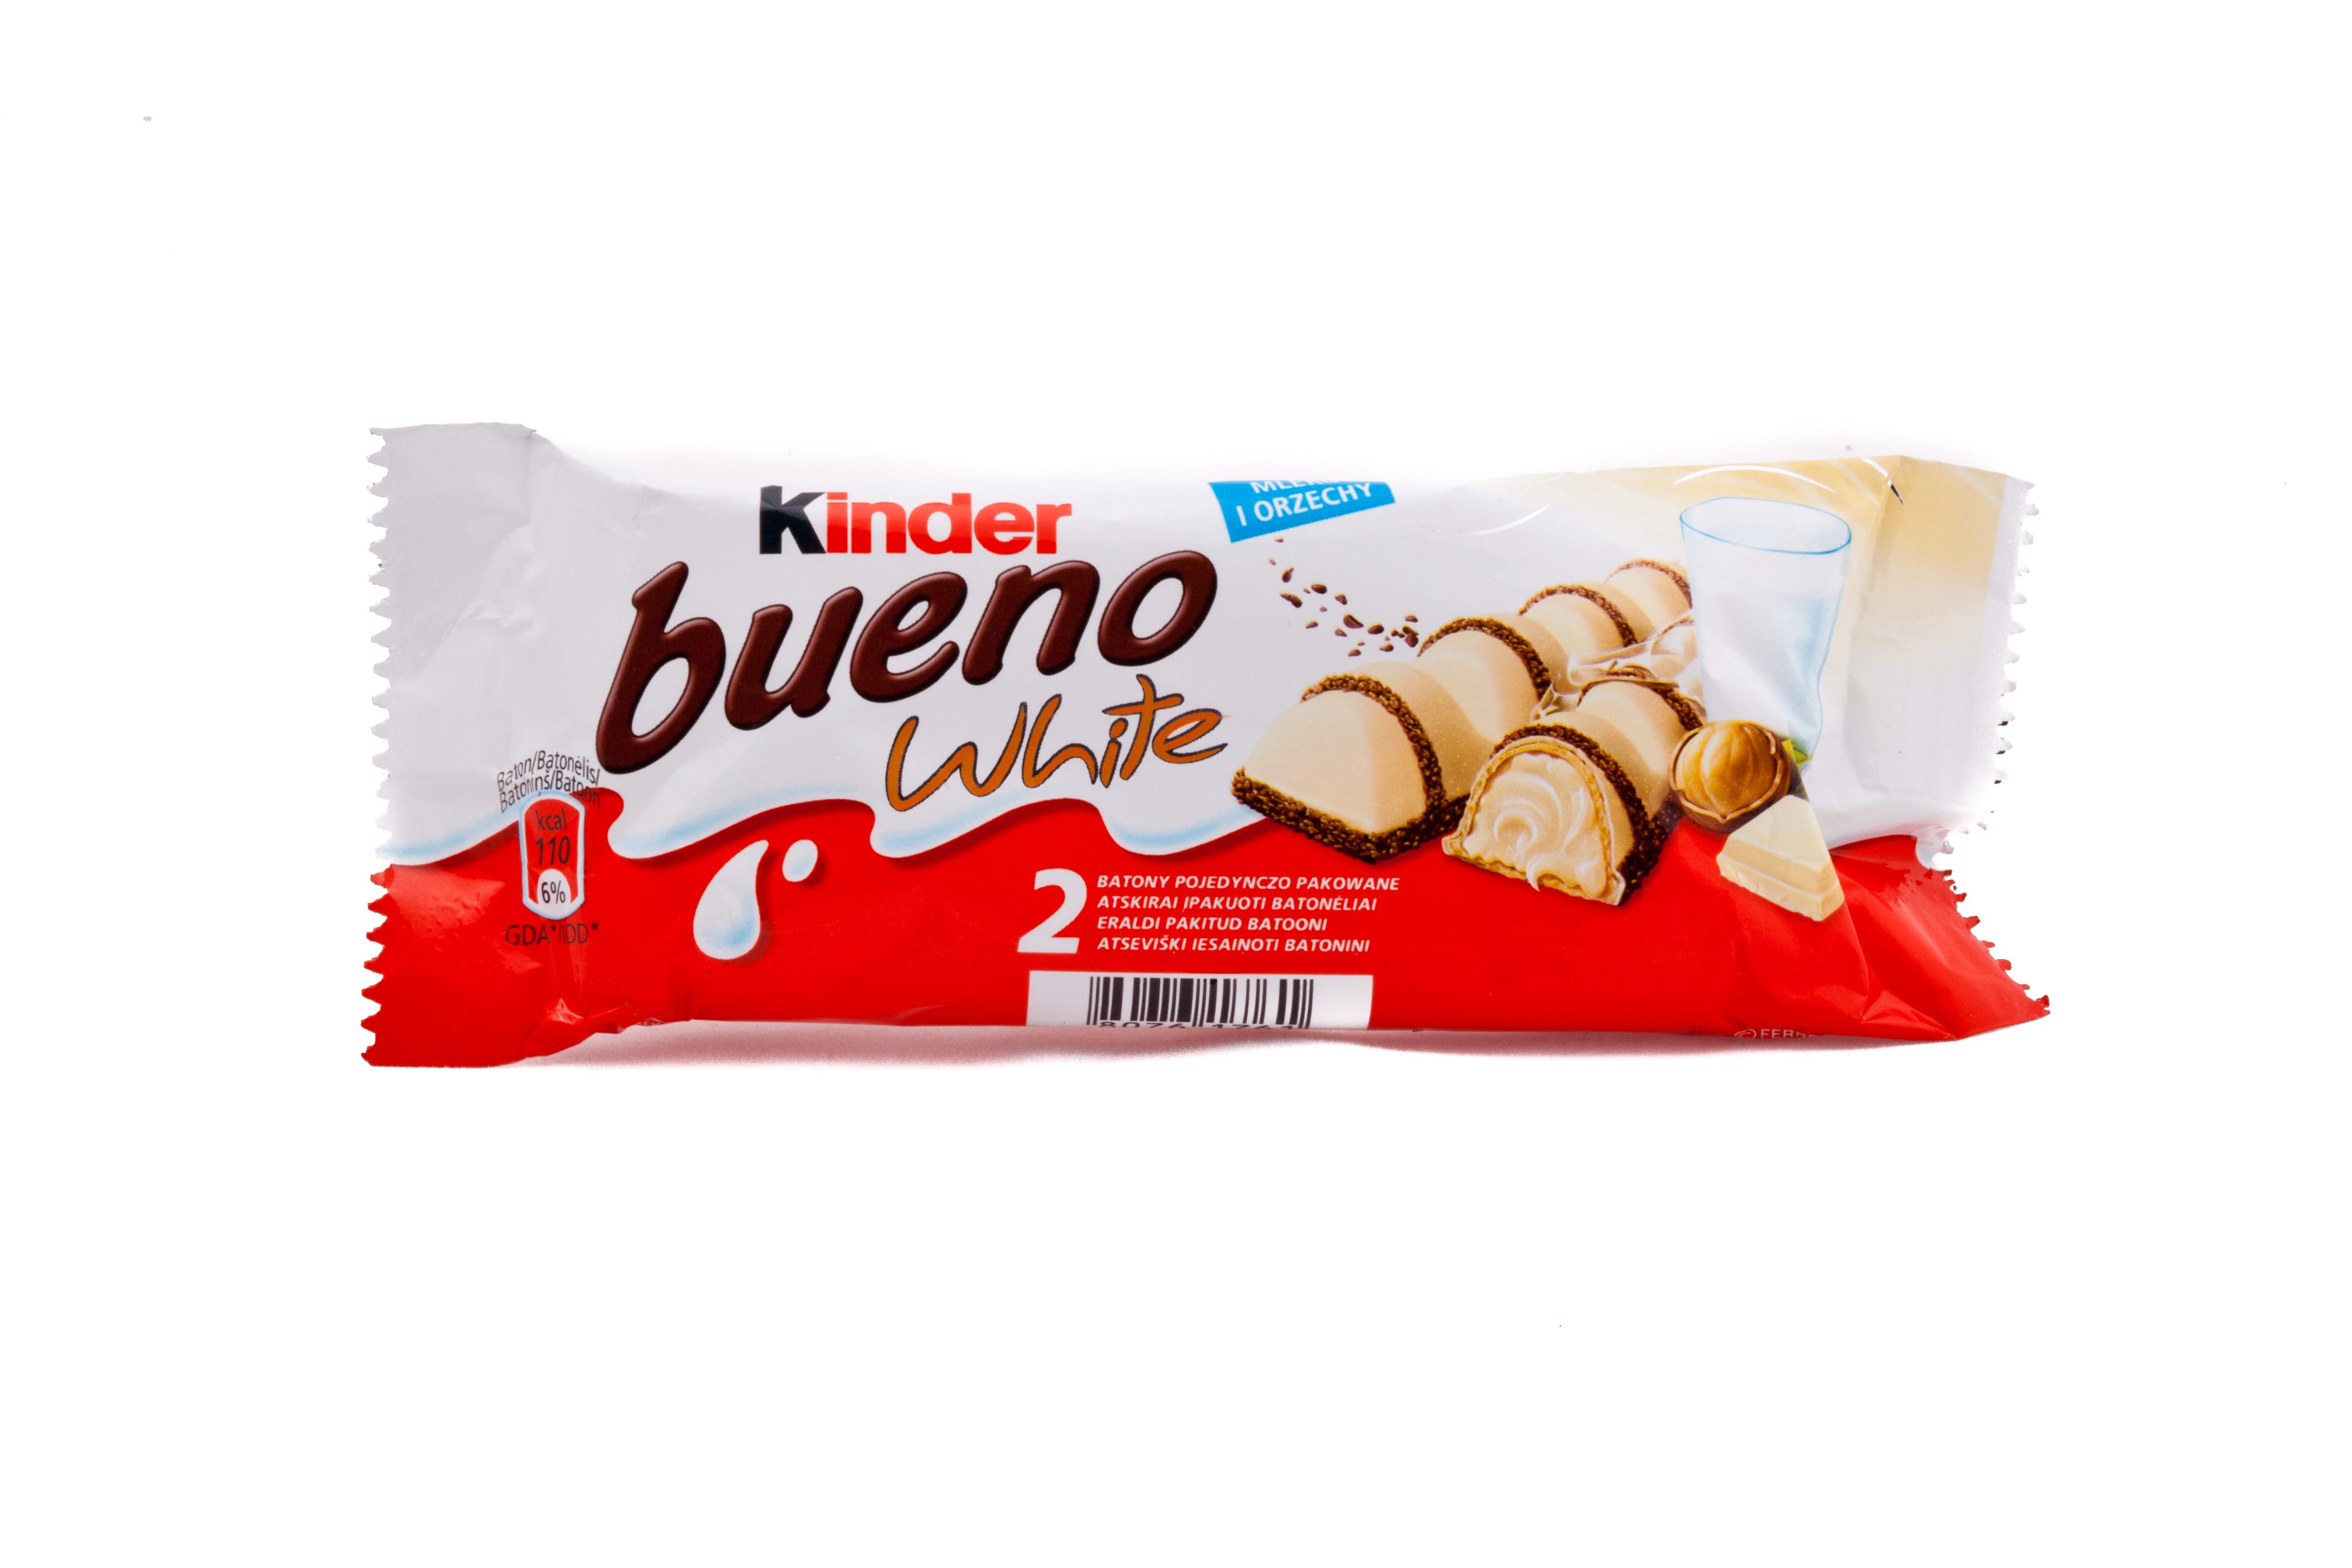 Kinder Bueno White, wafel z nadzieniem pokryty białą czekoladą 2 sztuki, 39 g Image